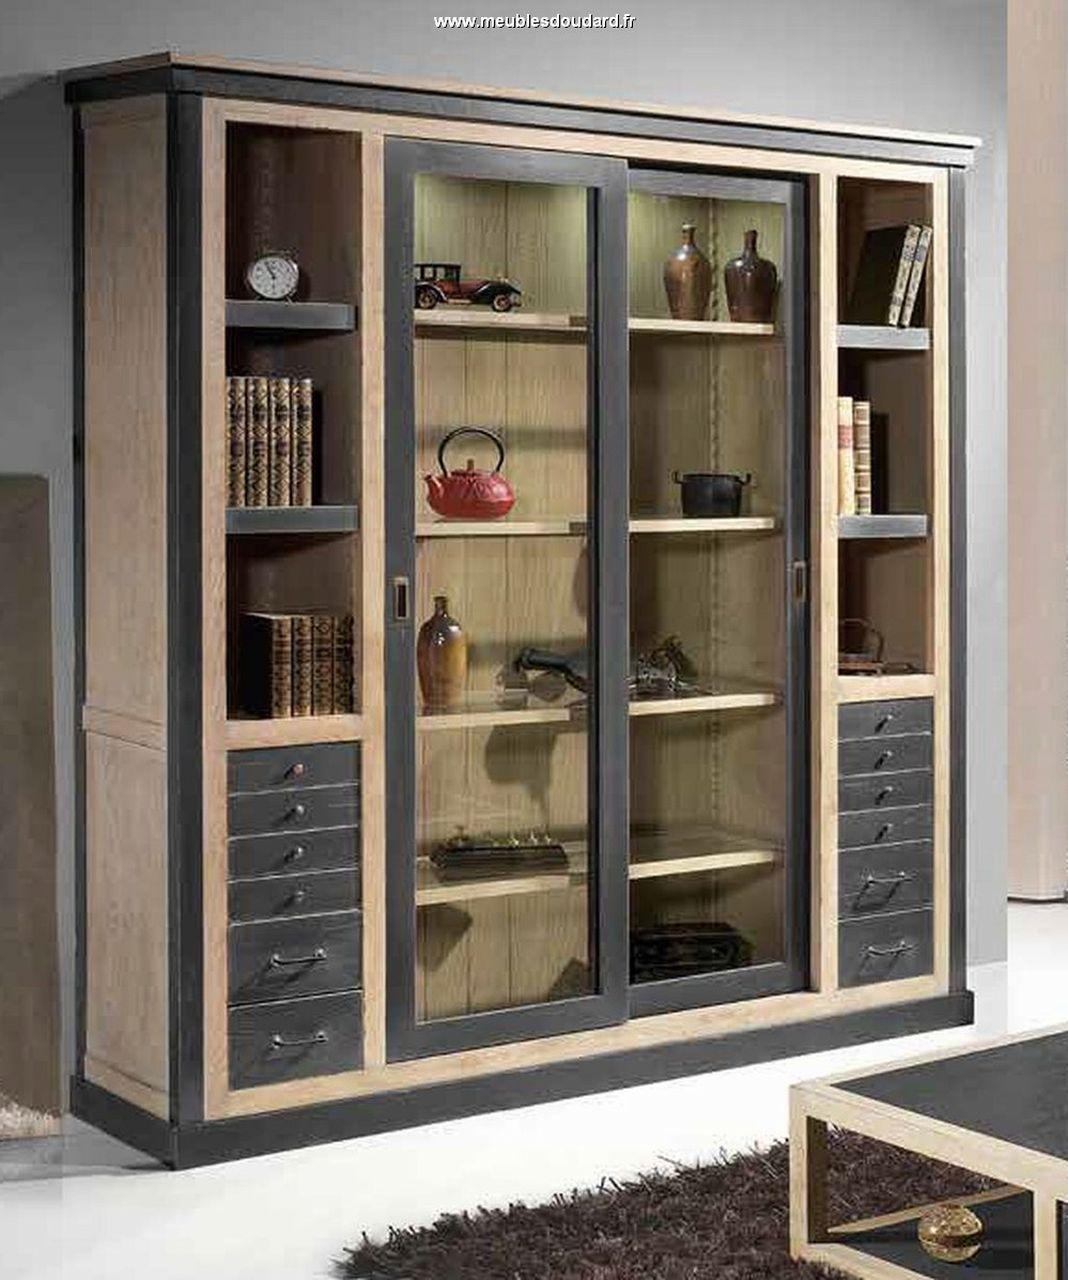 Biblioth que moderne en bois massif portes coulissantes - Bibliotheque avec portes ...